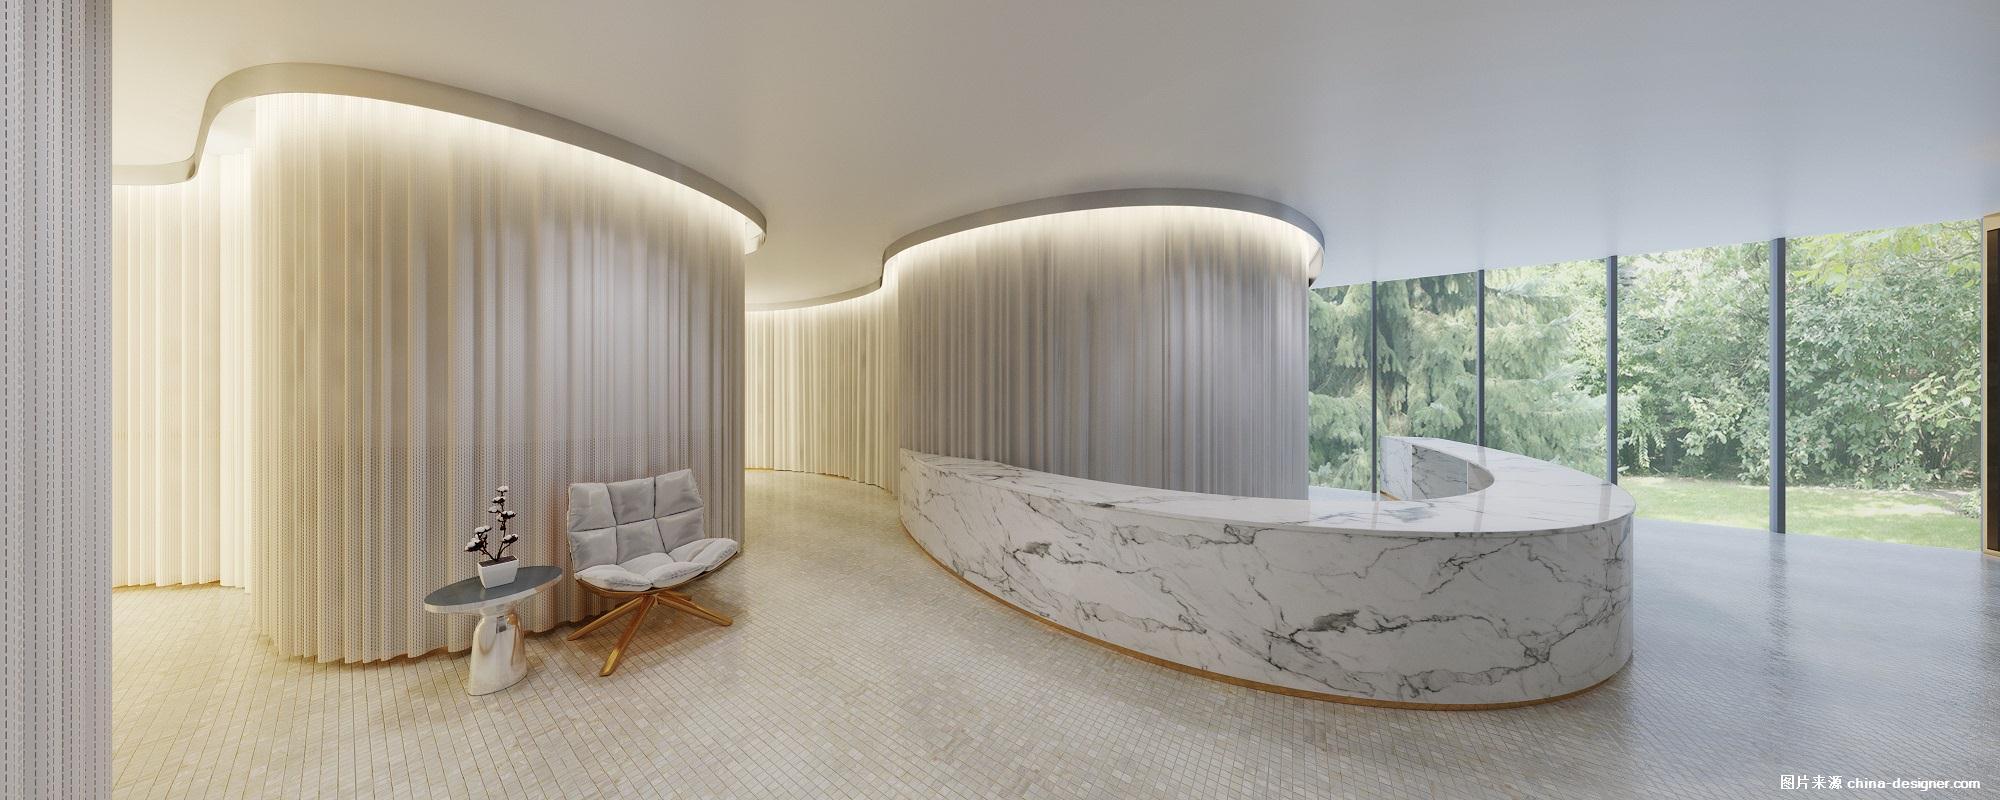 打板资讯v资讯图片-中国装修与室内设计师建筑软件服装设计3d图片